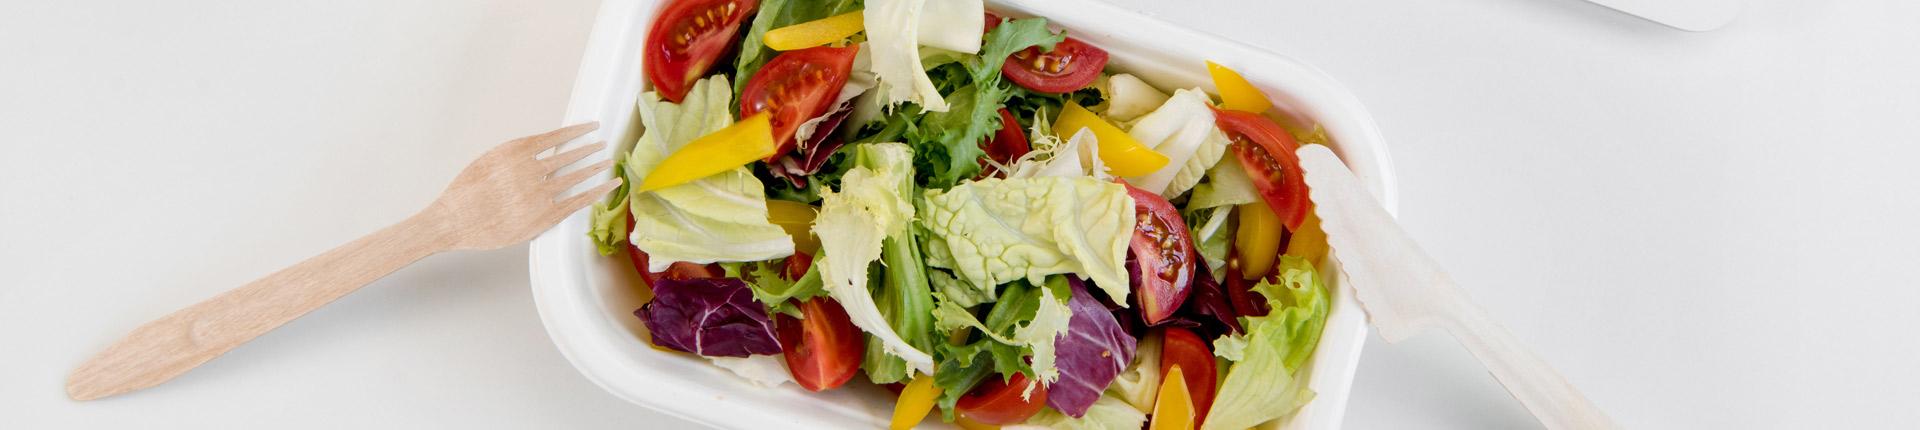 Jak radzić sobie z dietą w pracy i w szkole?